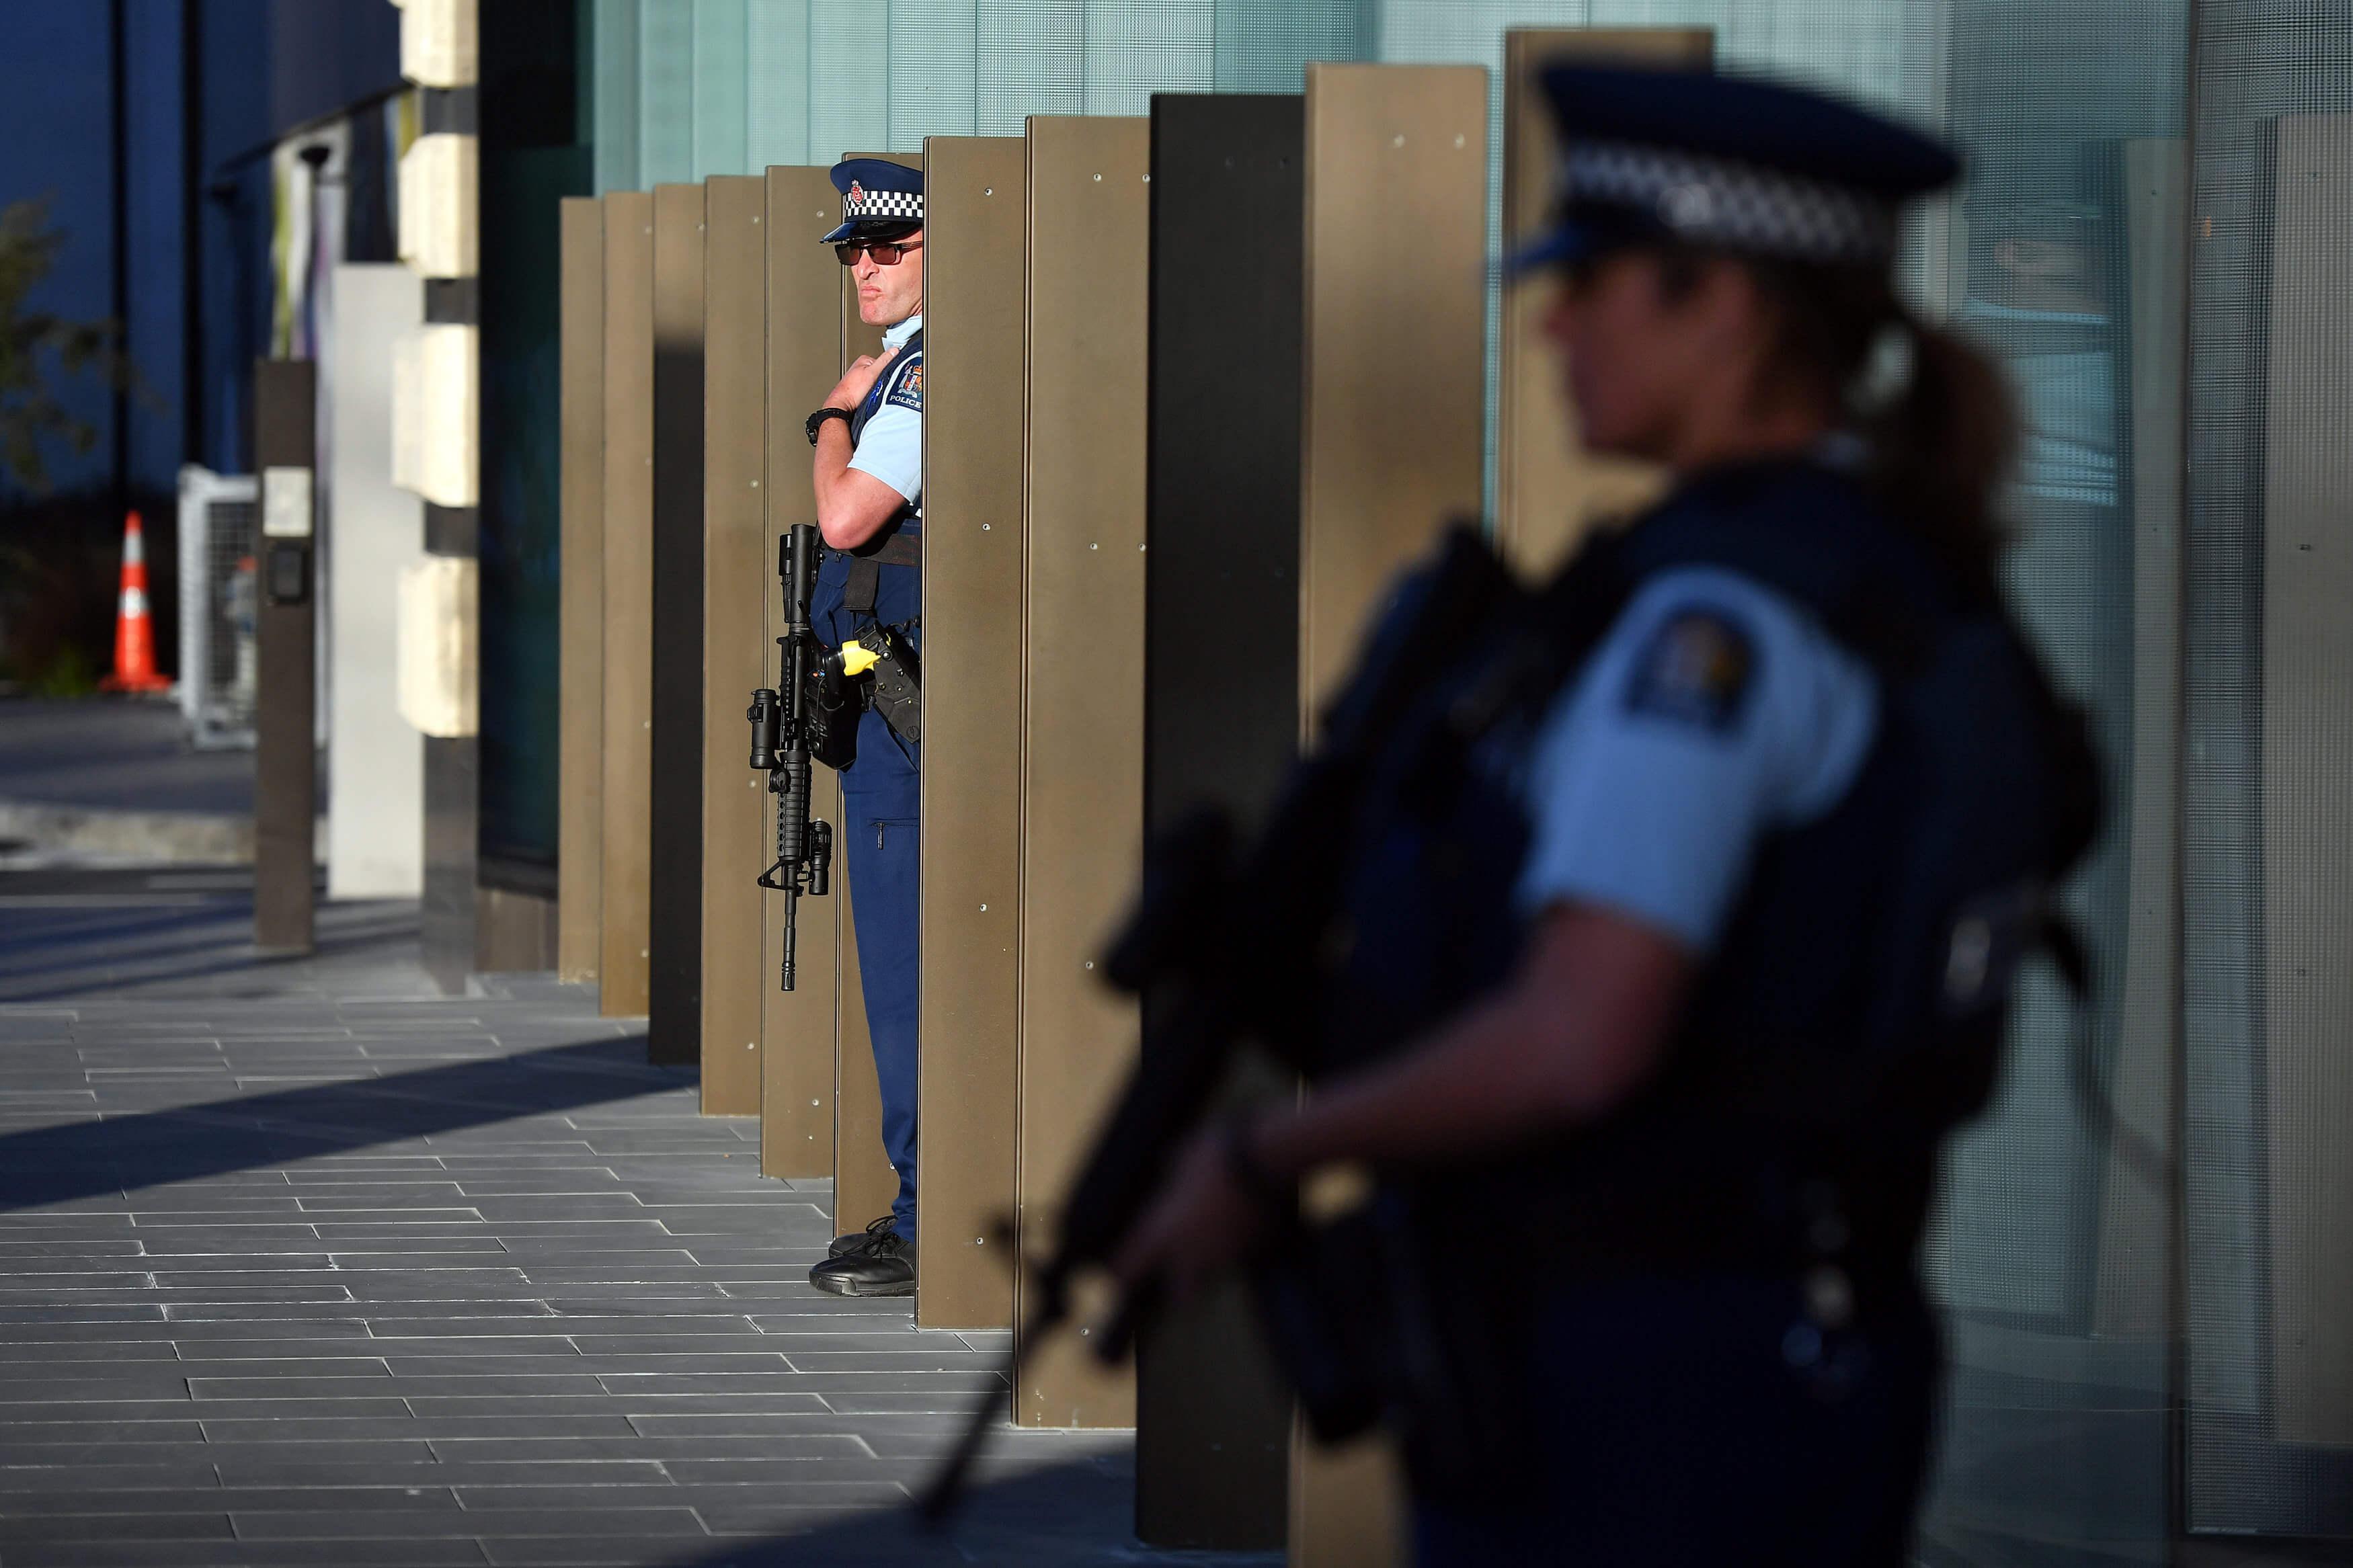 Ακροδεξιοί απειλούν βουλευτίνα με καταγωγή από το Ιράν στη Νέα Ζηλανδία